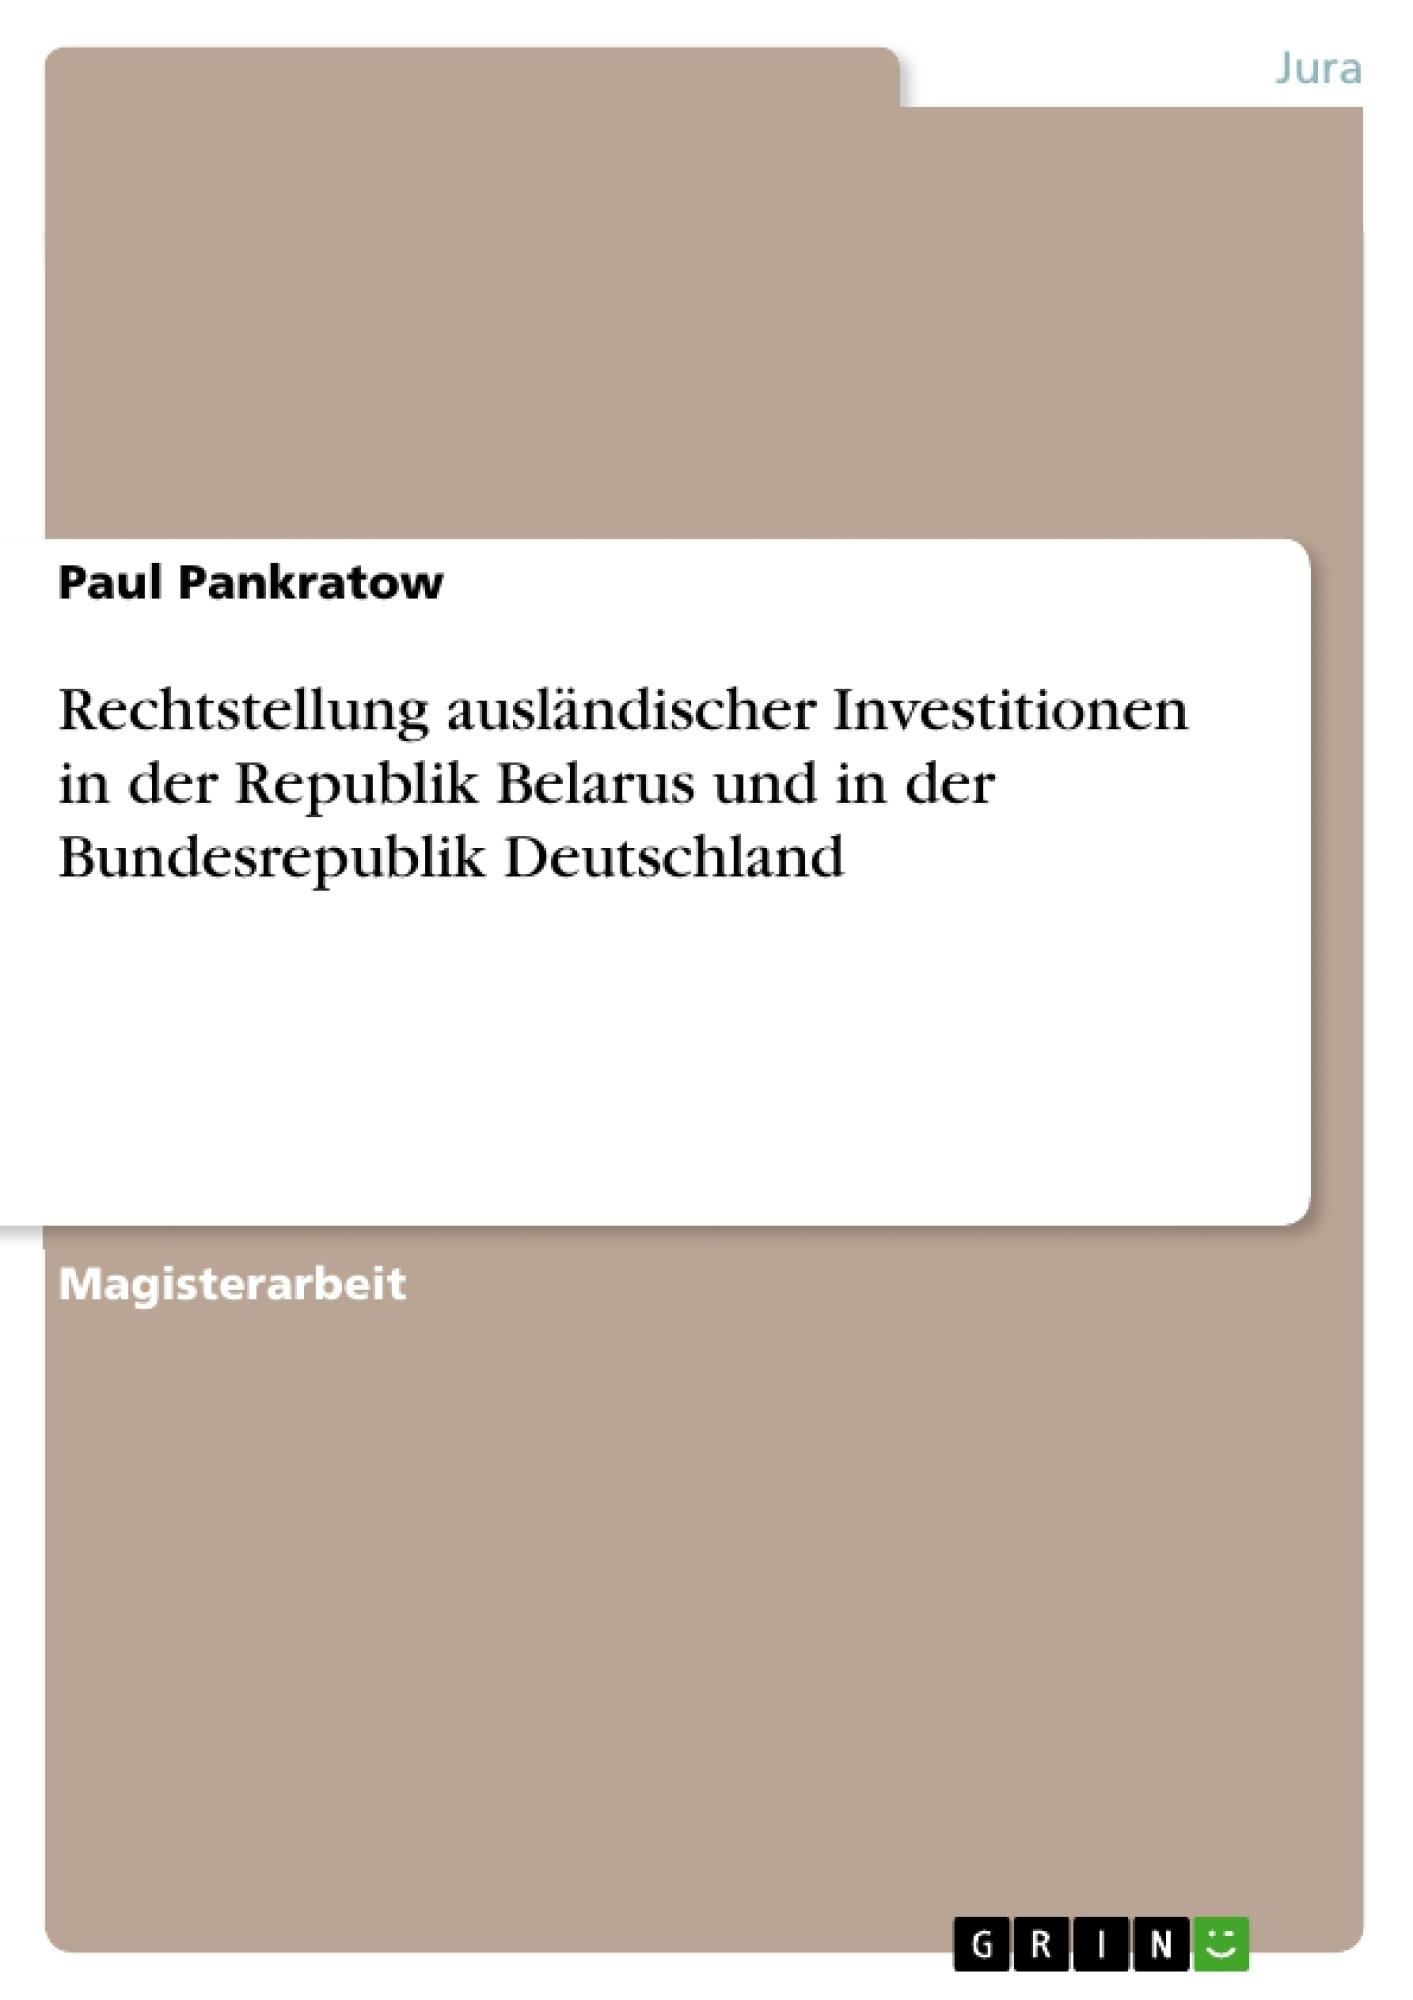 Titel: Rechtstellung ausländischer Investitionen in der Republik Belarus und in der Bundesrepublik Deutschland